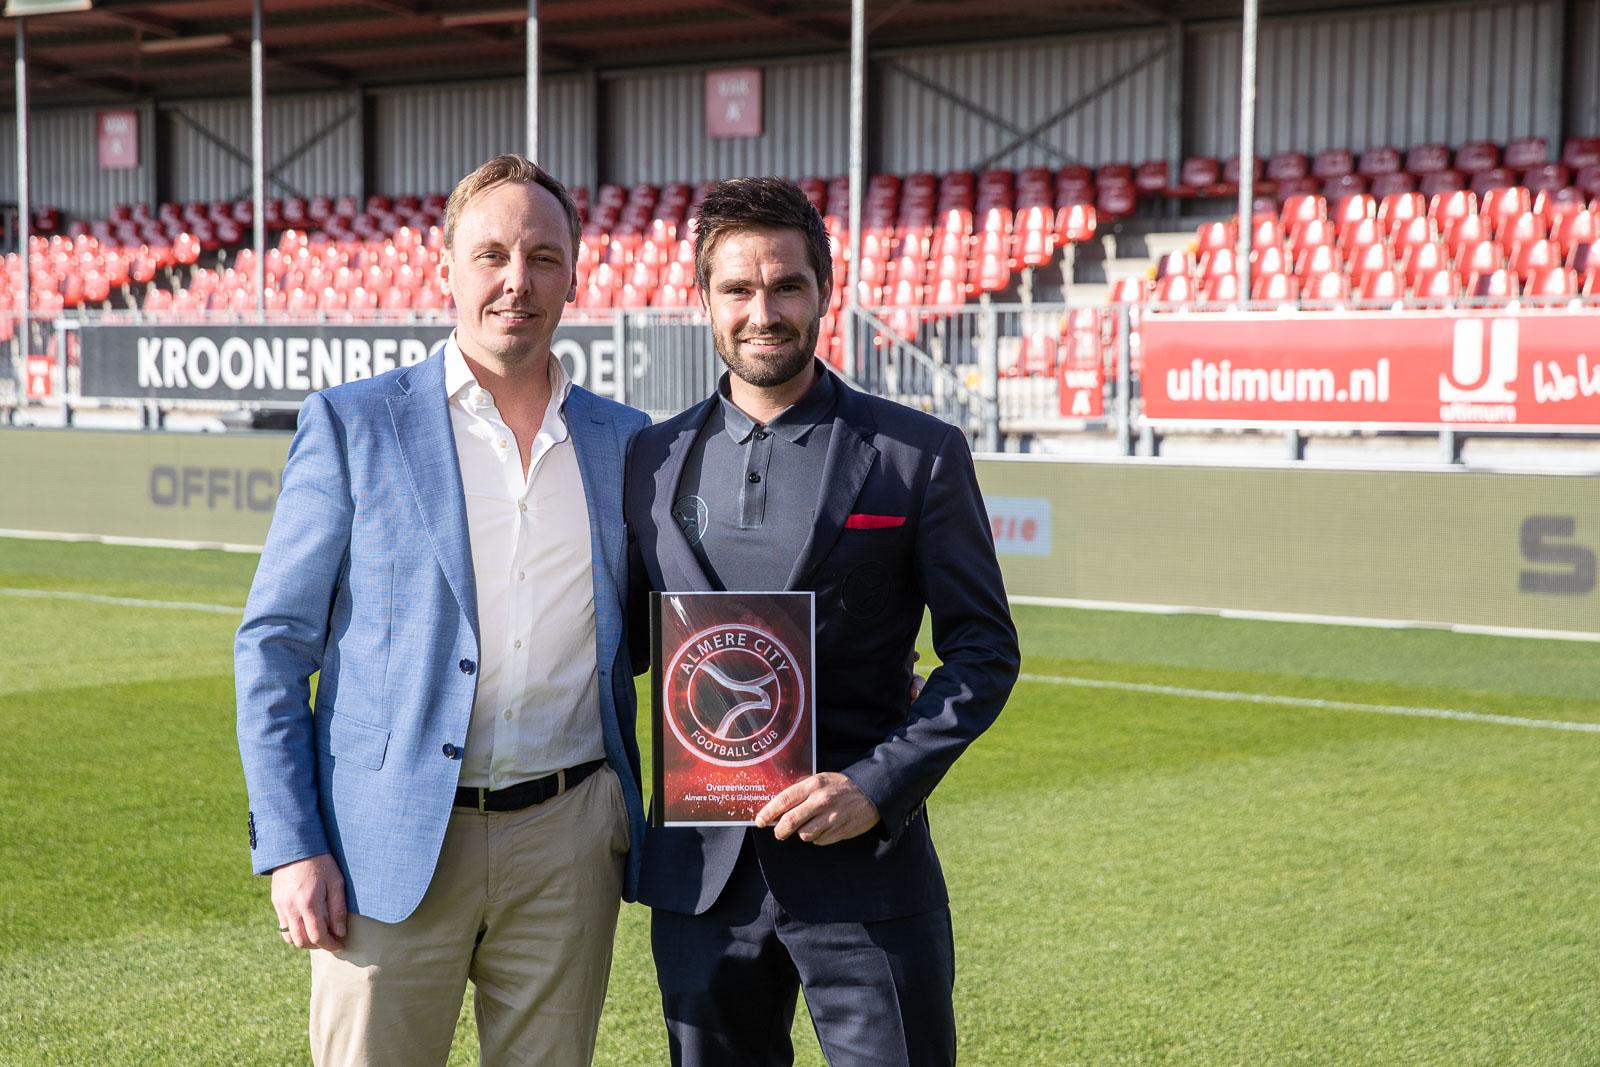 Glashandel Devri vernieuwt sponsorovereenkomst met City